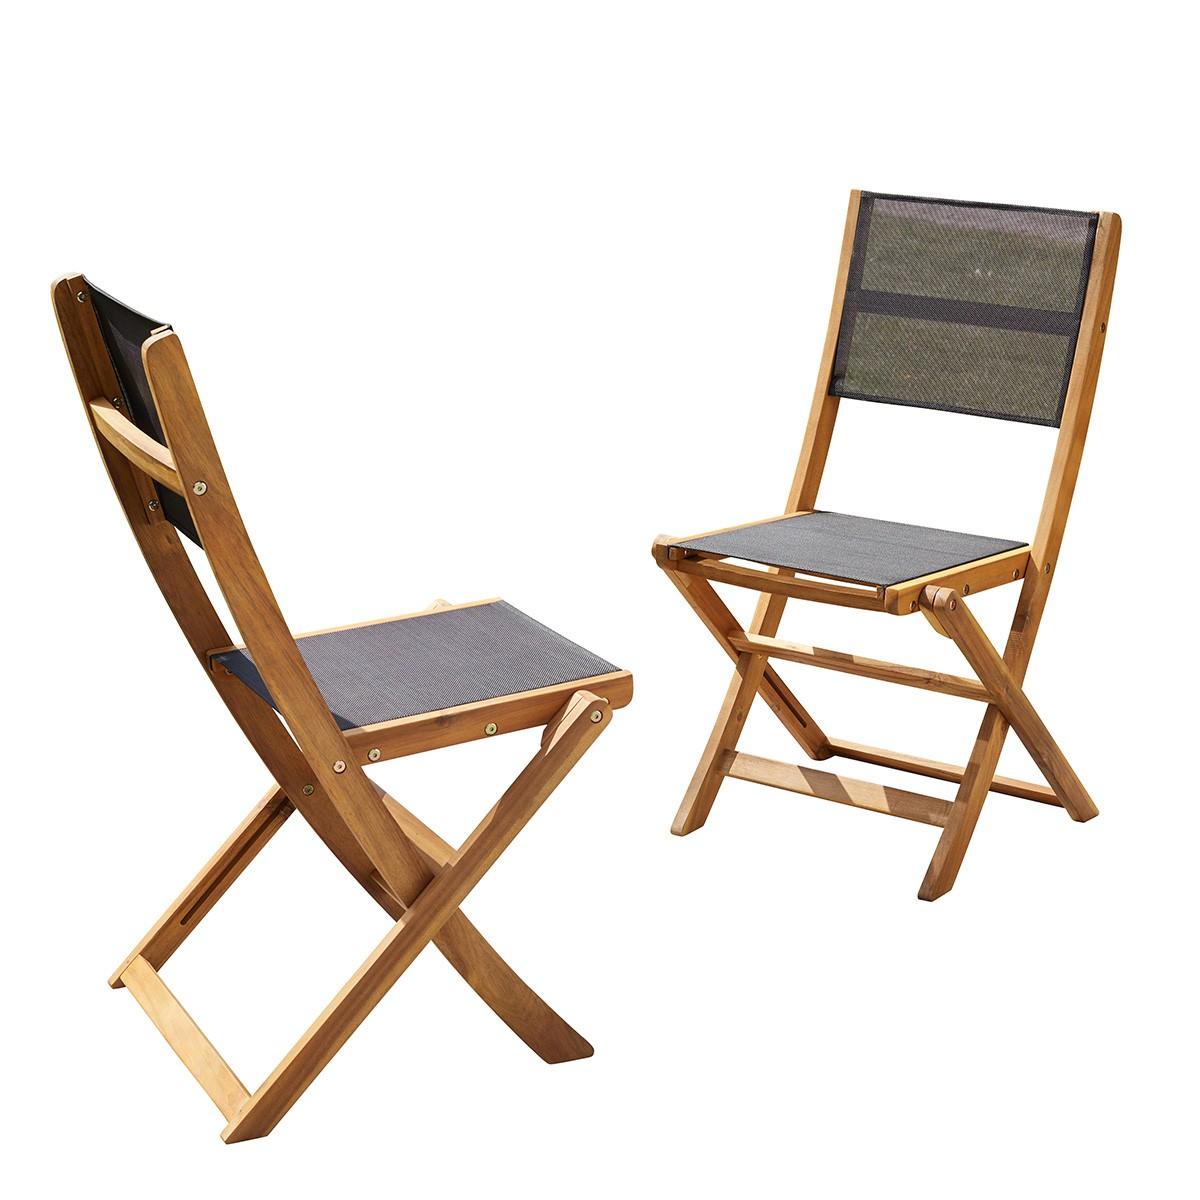 2 chaises pliantes en acacia et textilène noir